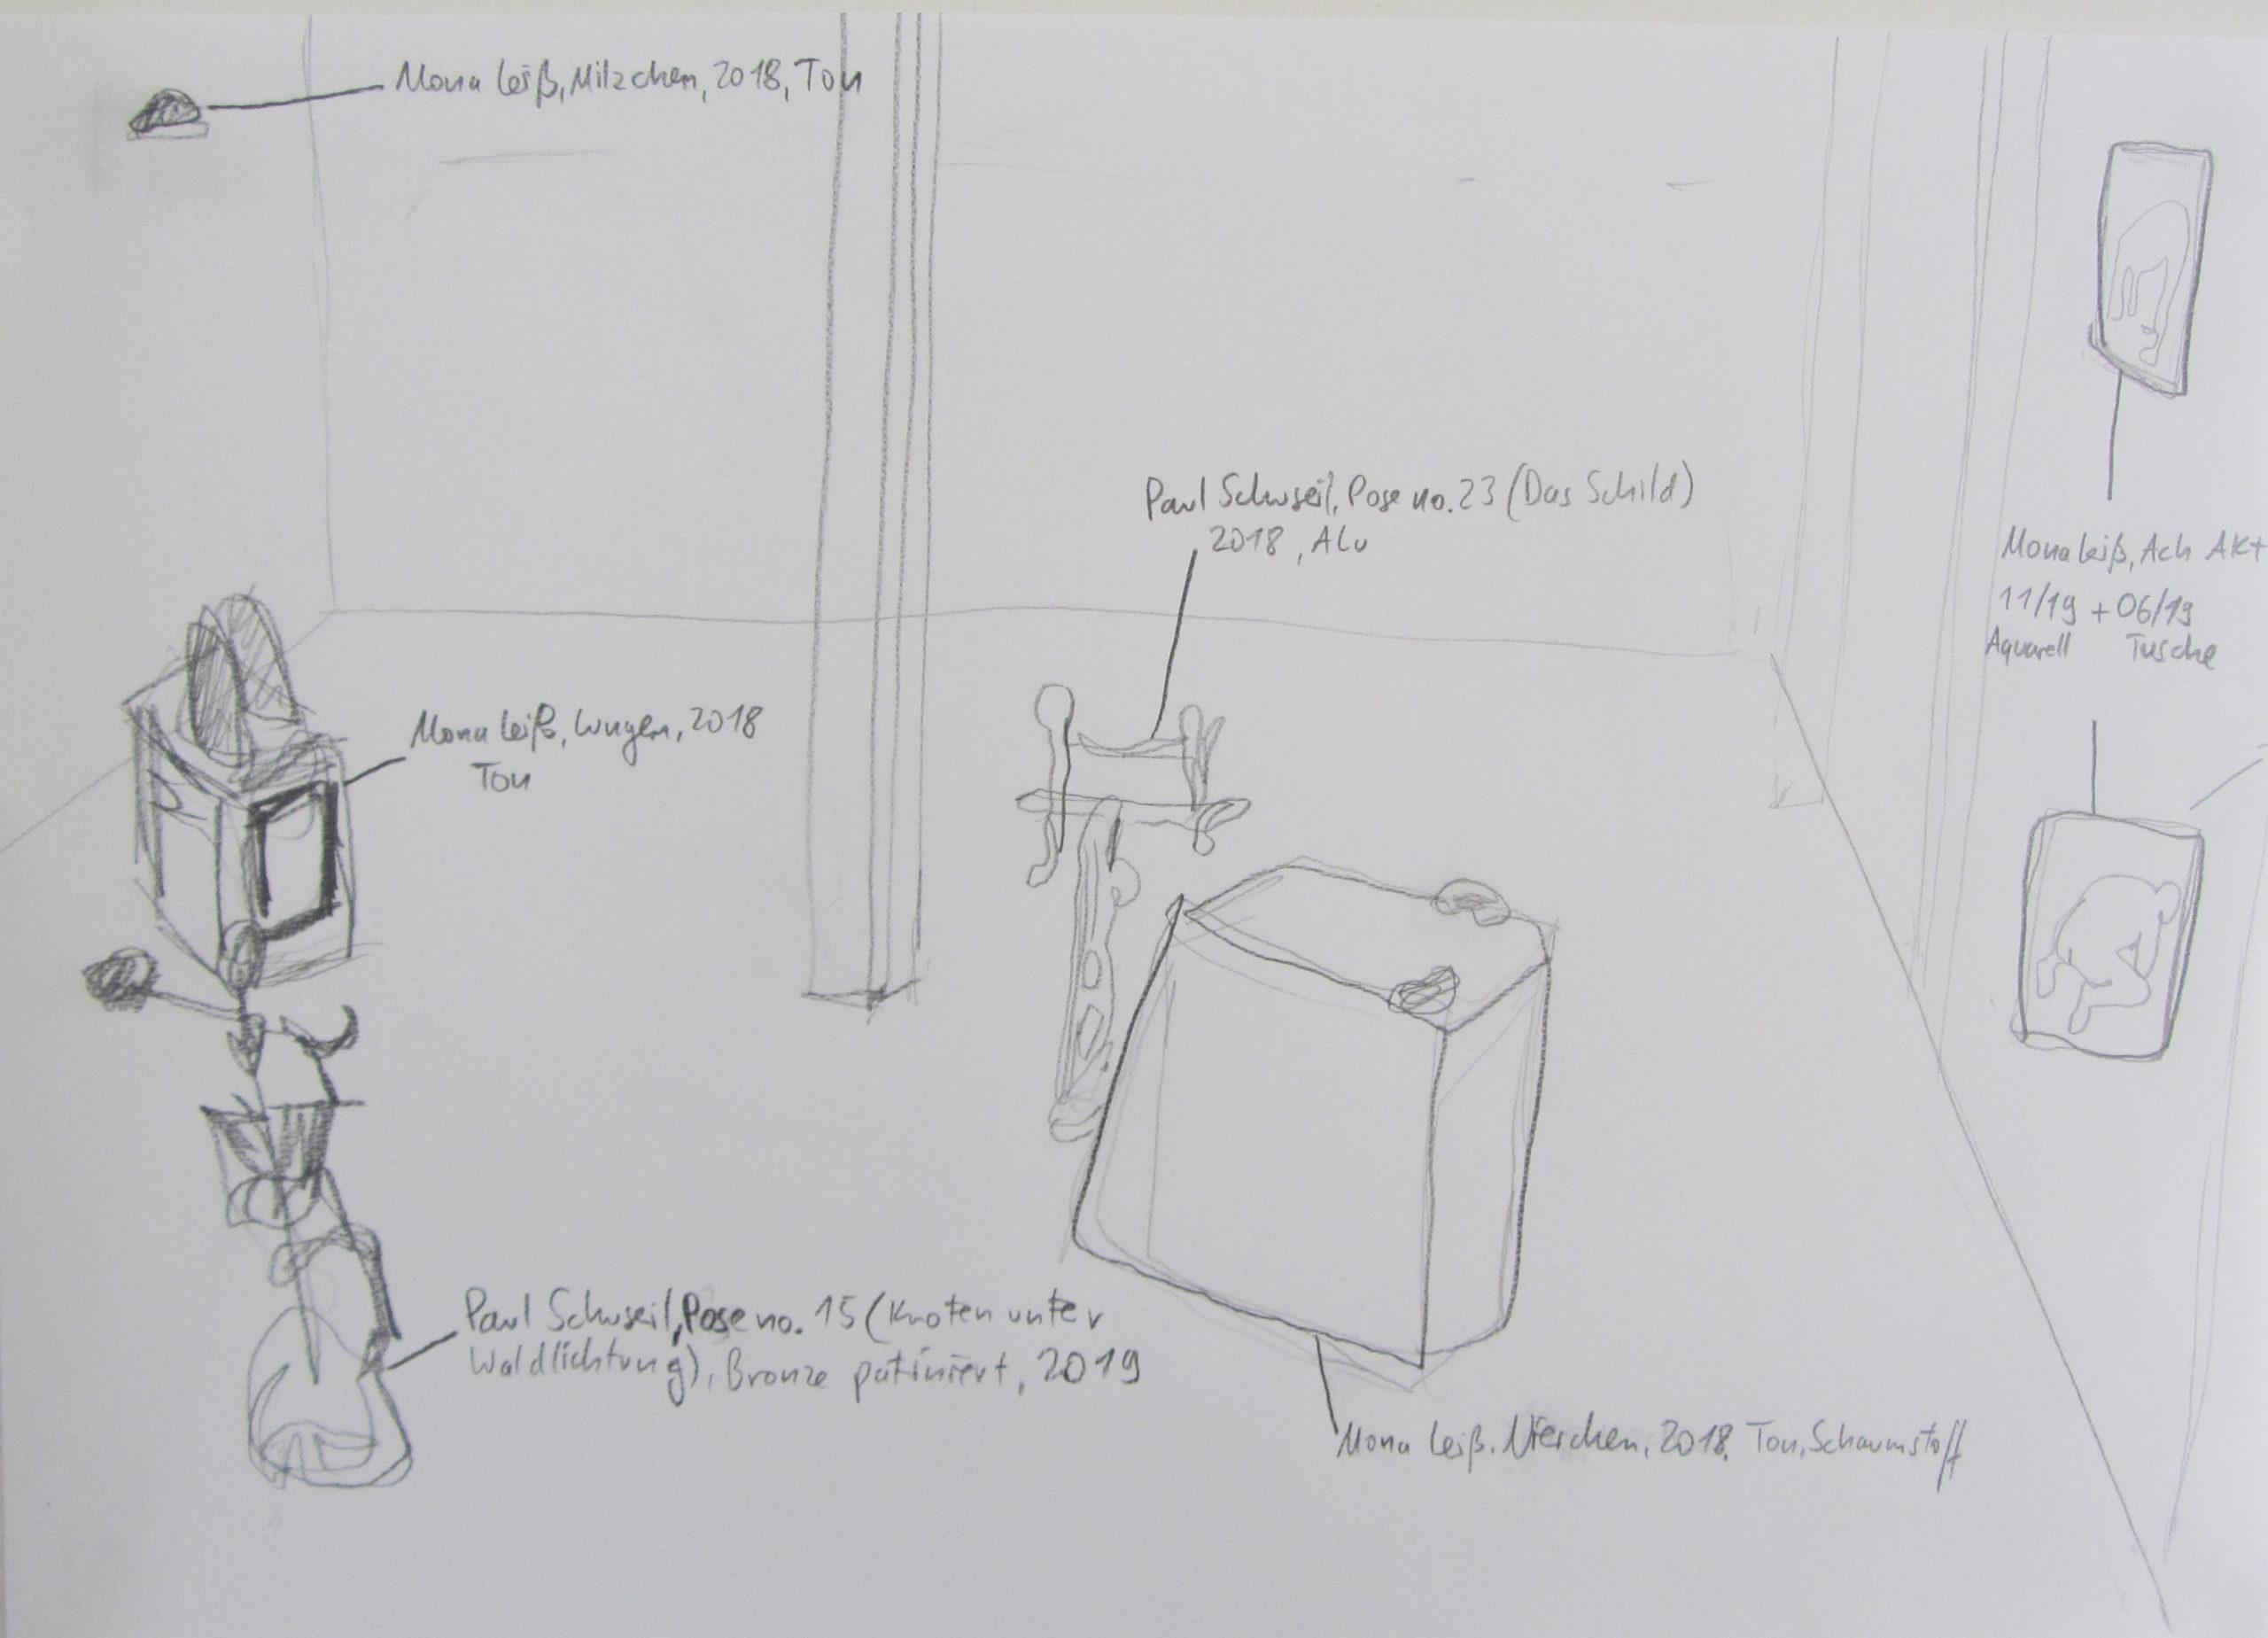 Ausstellung von Mona Leiß + Paul Schuseil, Alte Waggonfabrik Dez 2019